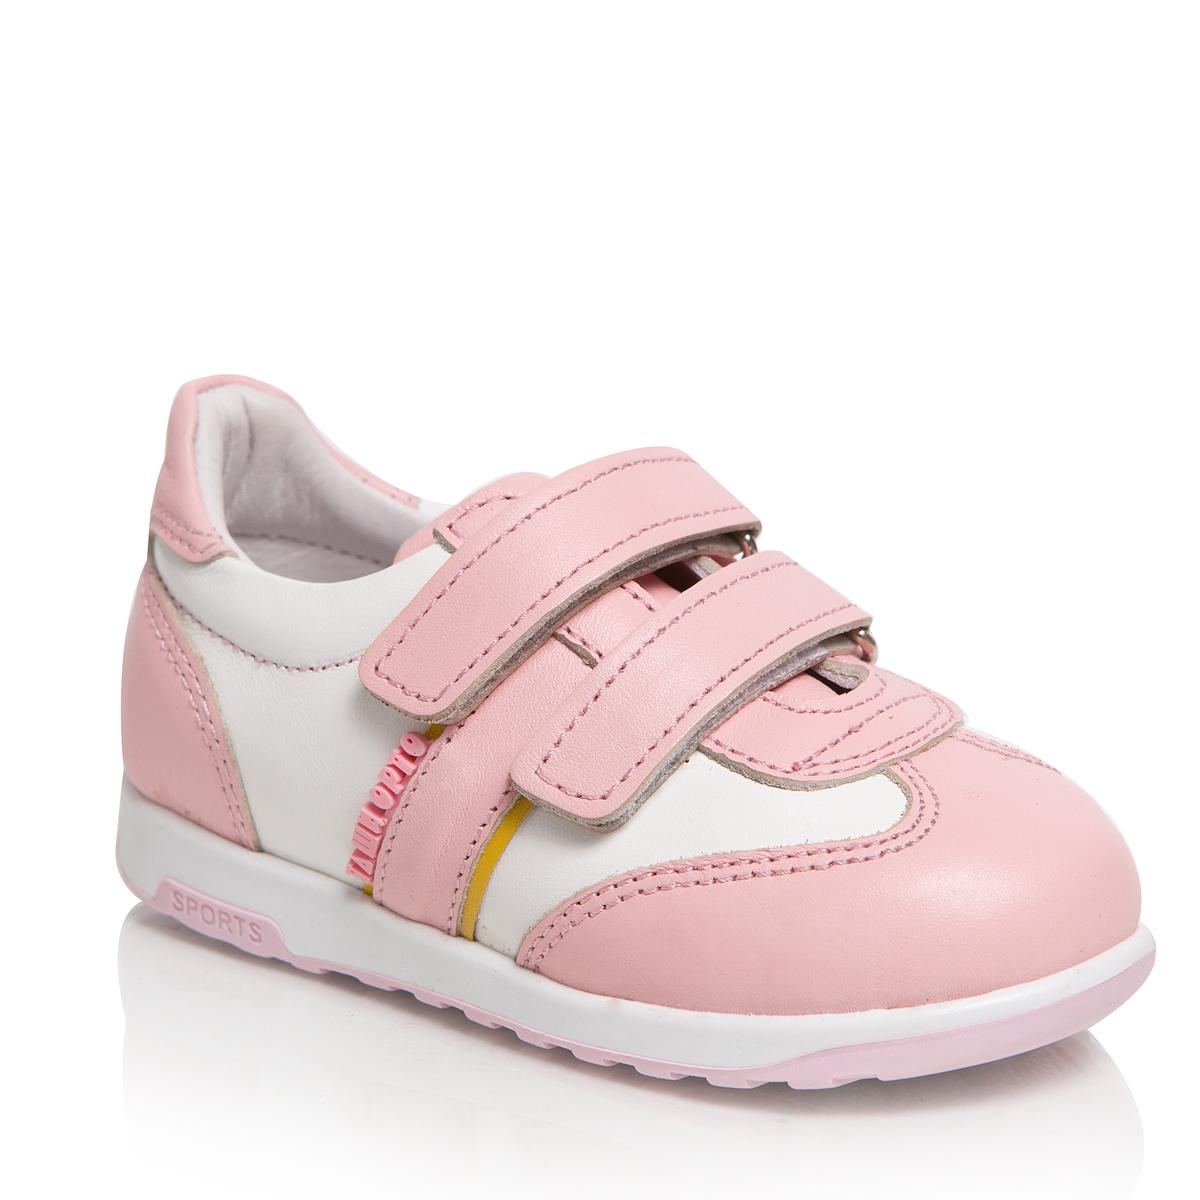 Кроссовки для девочек. 271-09271-09ТАШИ ОРТО - детская профилактическая ортопедическая обувь массового производства. Ее можно носить не только детям с признаками плоскостопия и косолапия , но и для профилактики подобных отклонений. А многим детям ортопедическая обувь НЕОБХОДИМА для коррекции стопы, исправления походки и осанки.